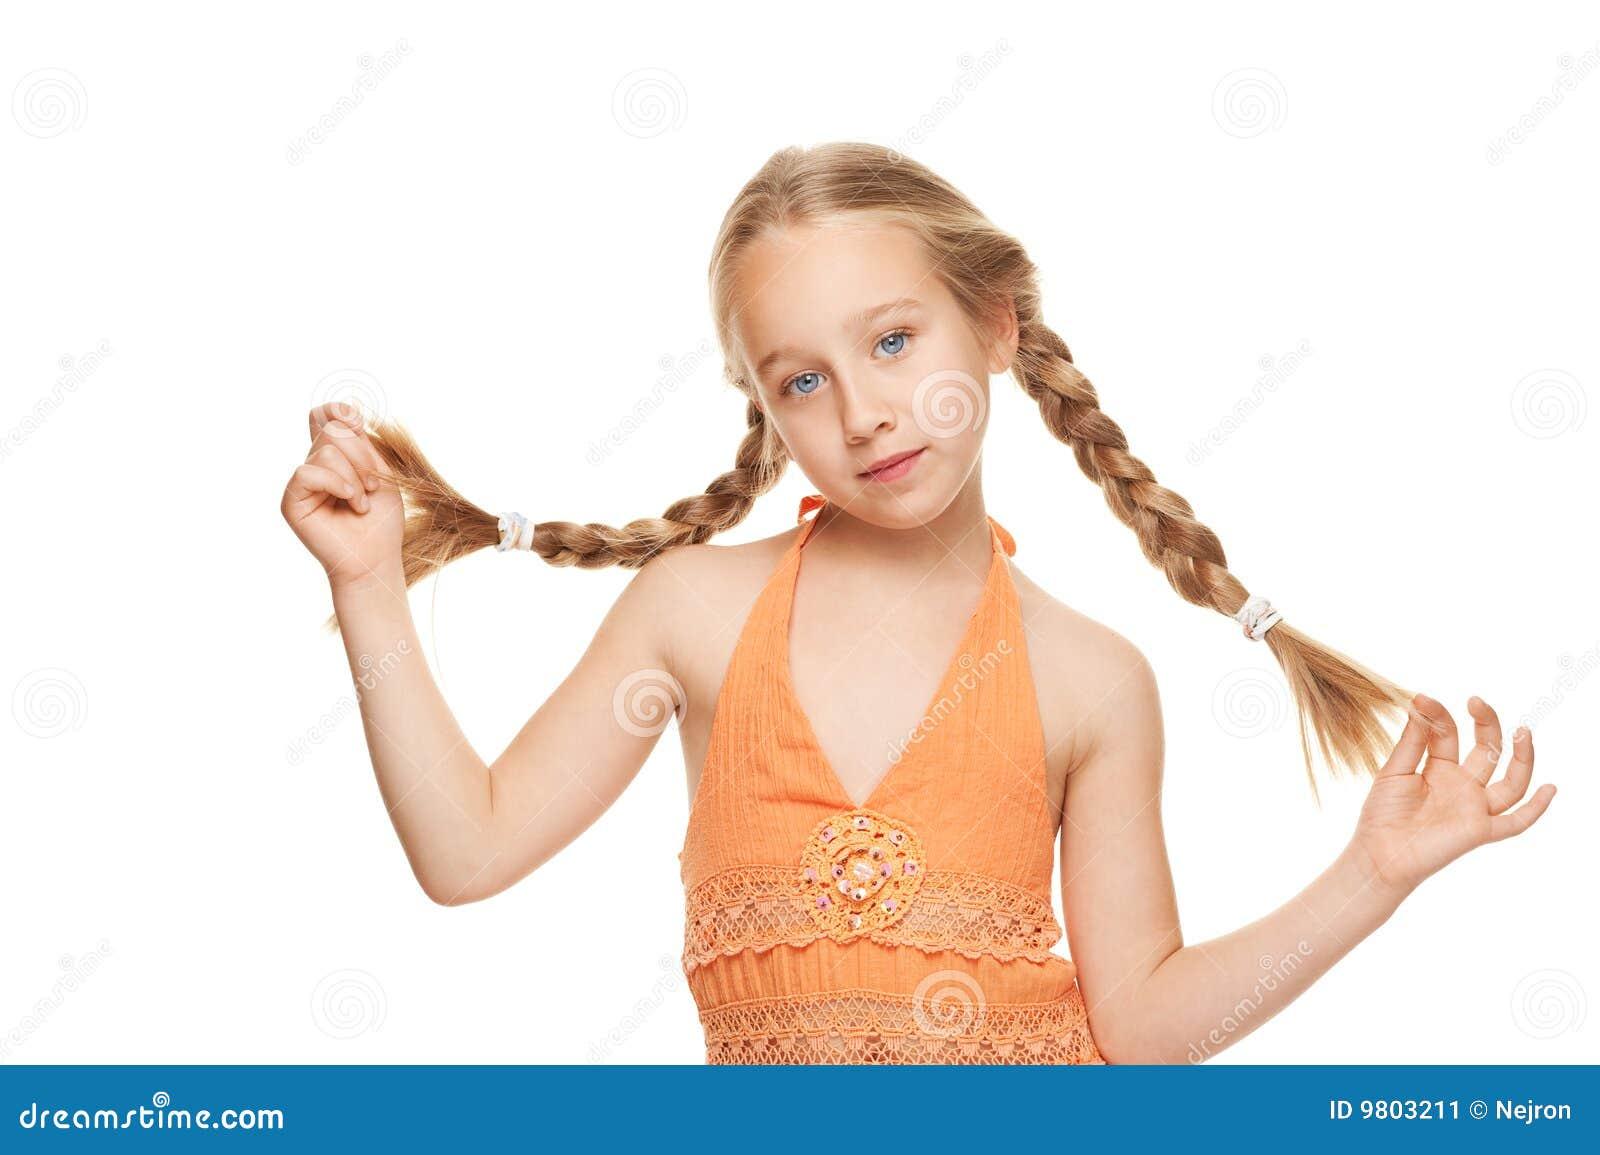 С маленькой девочкой 21 фотография